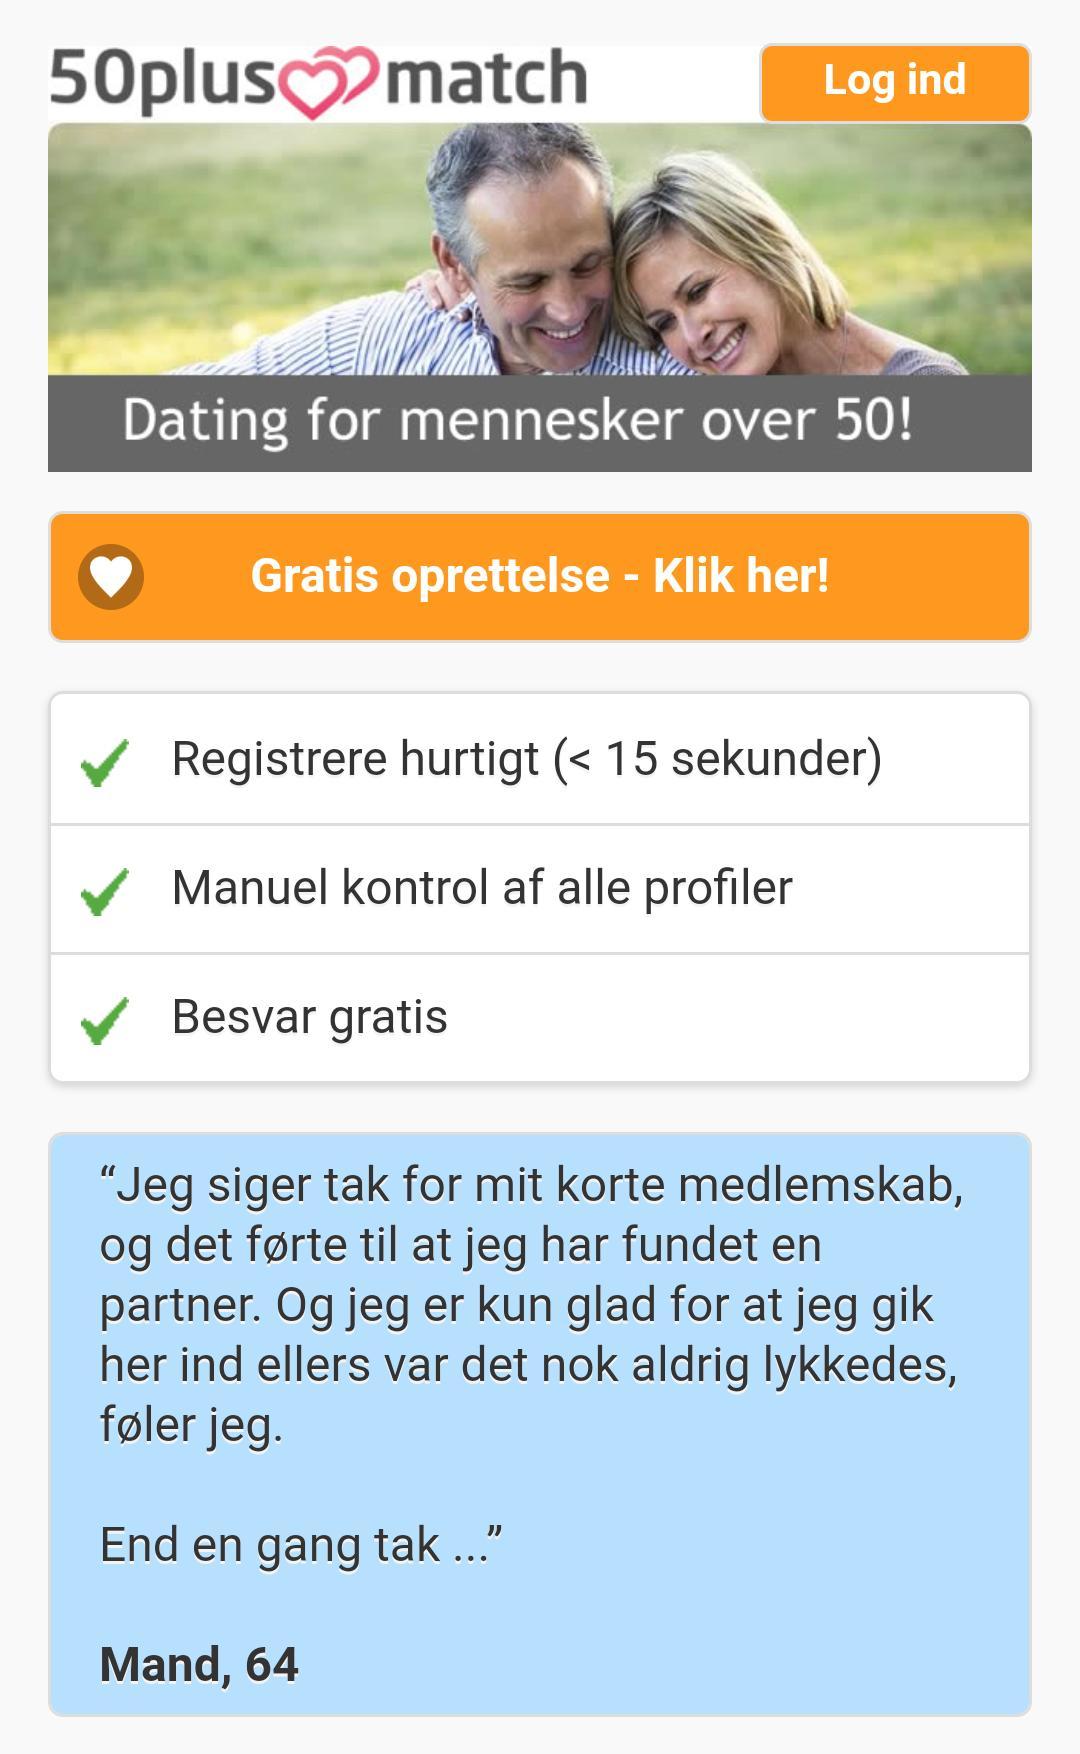 Den manuelle dating